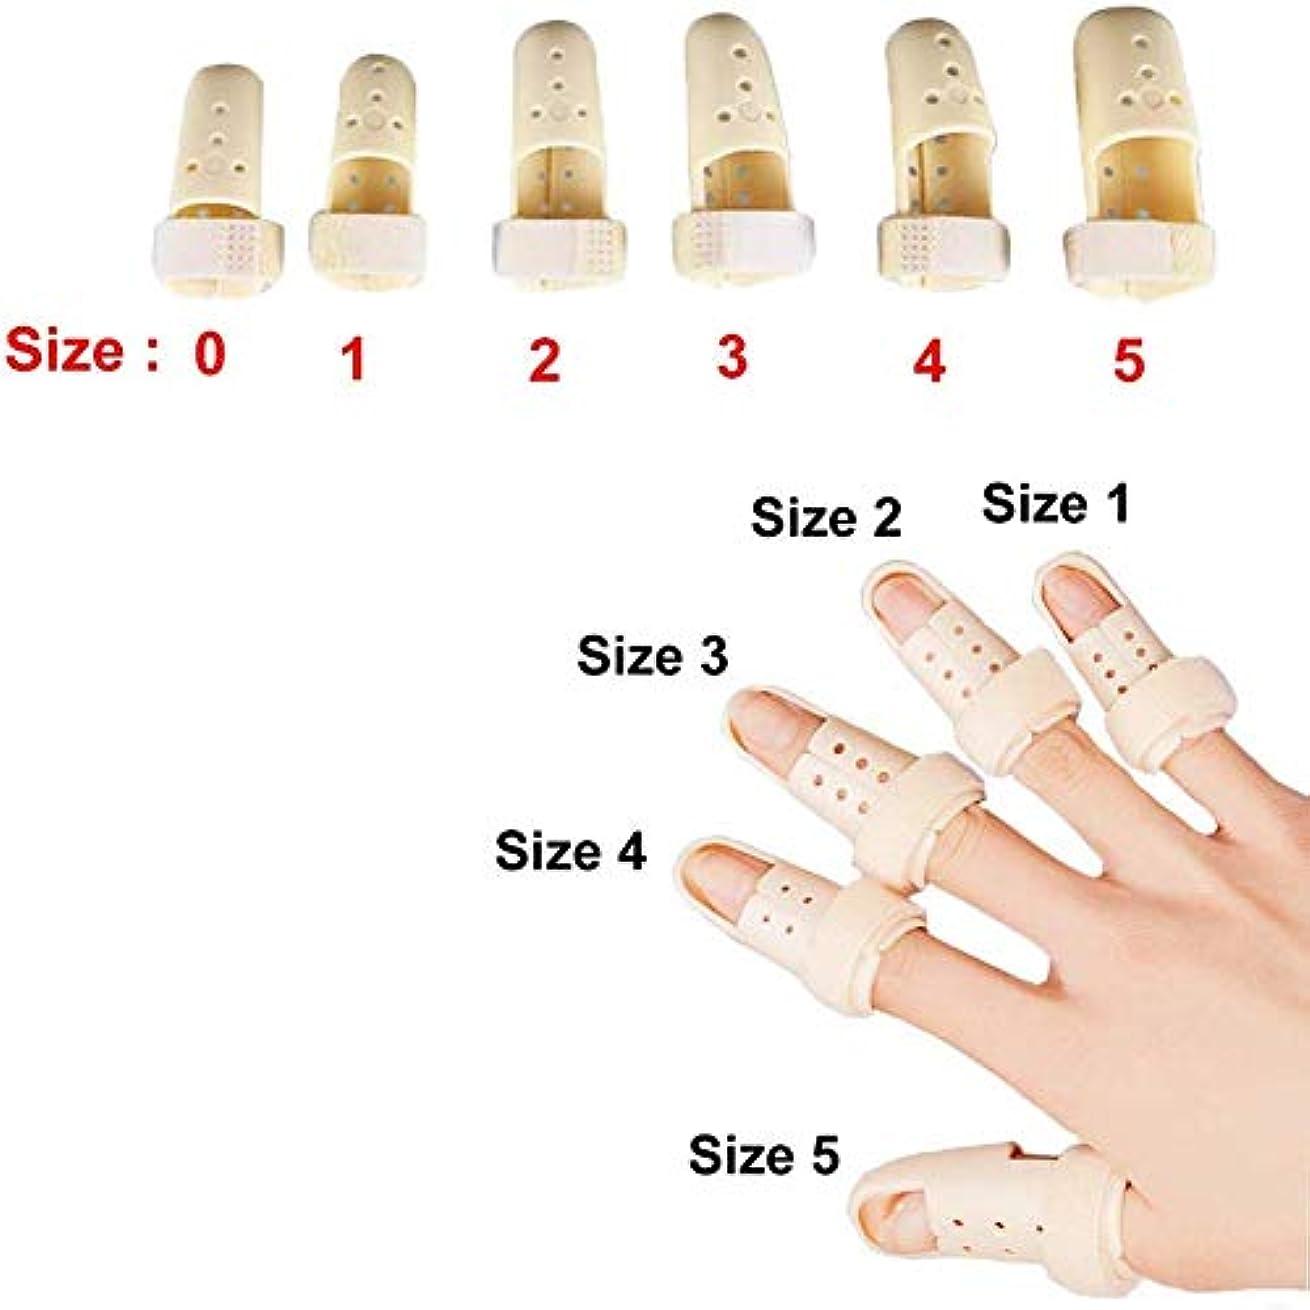 消化器バブルコンチネンタル痛みのための親指スピカサポートブレース - フィンガースプリント、リバーシブル親指スタビライザー、関節炎サムスプリント (Size : XXL)